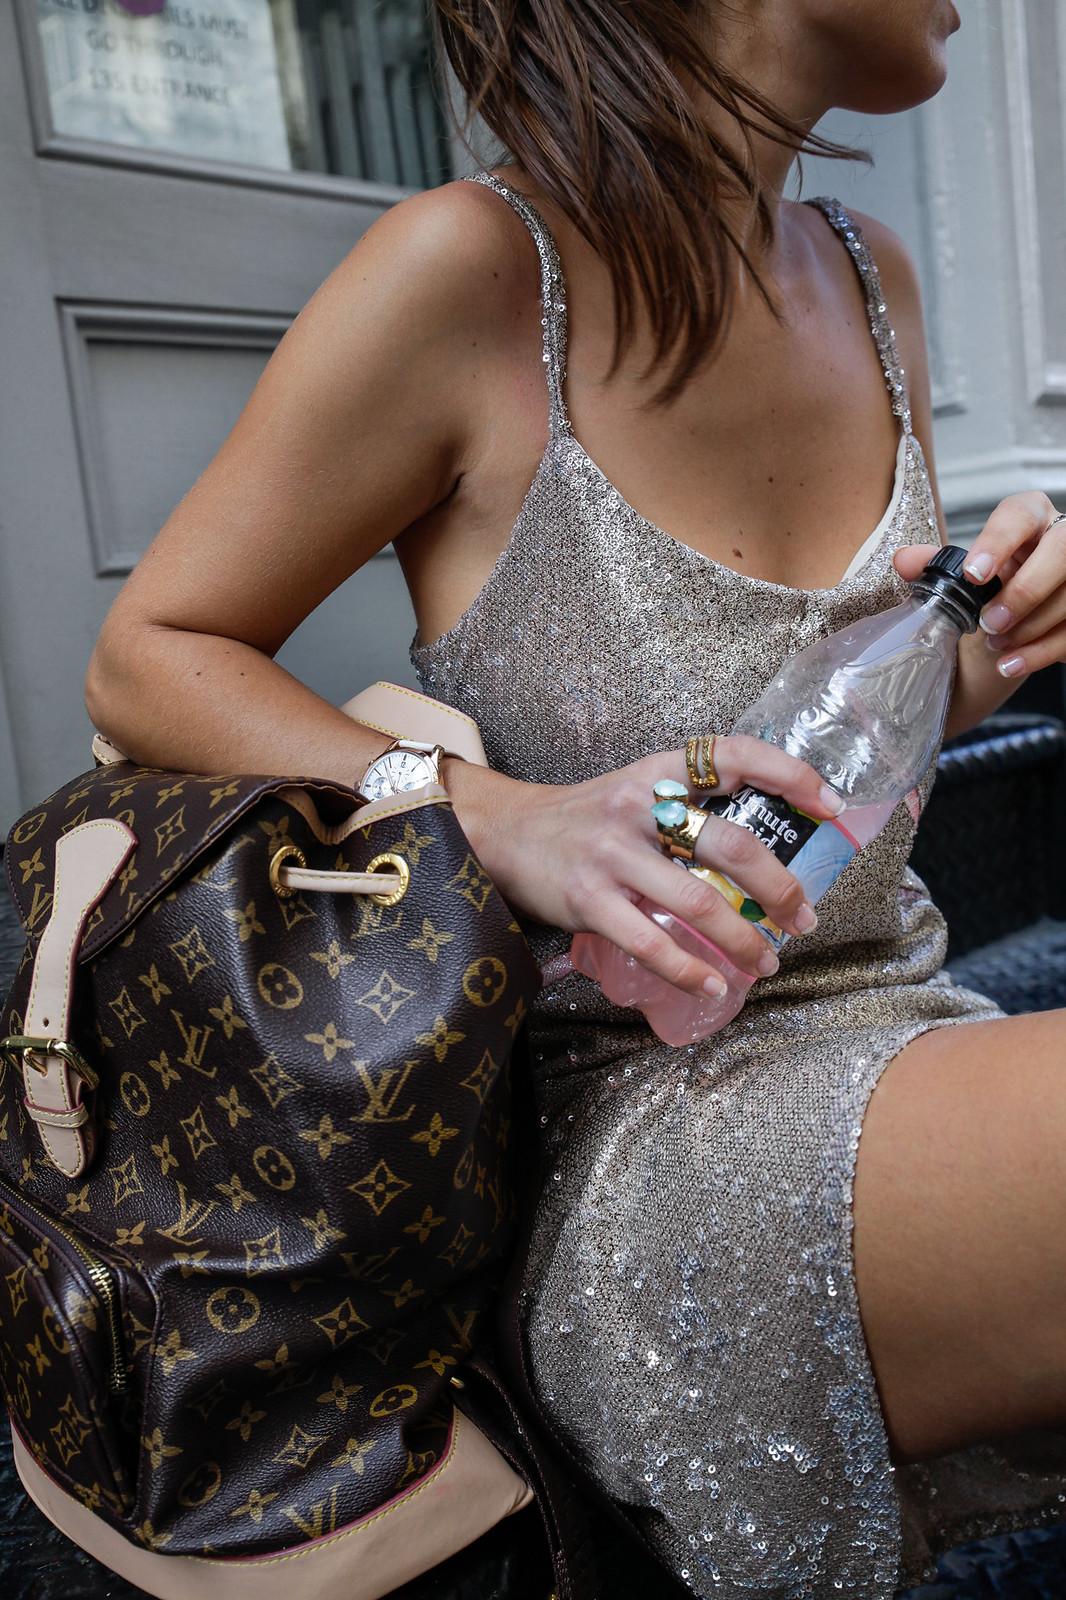 07_vestido_lentejuelas_casual_look_theguestgirl_nyc_fashion_show